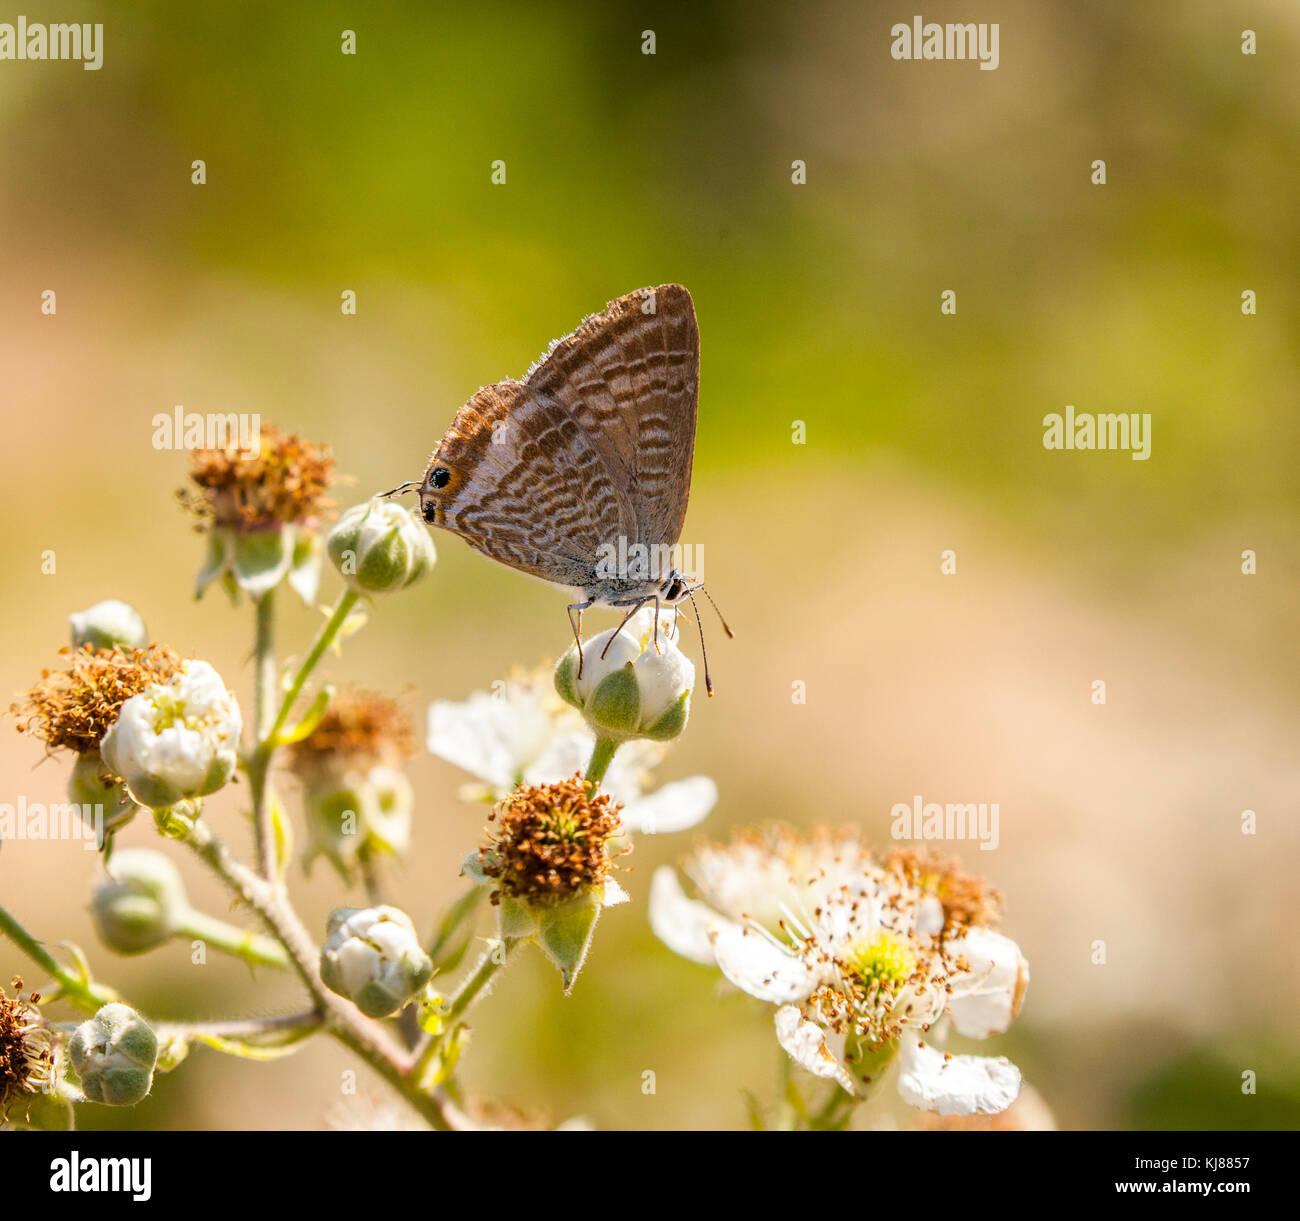 Long-tail Blauer Schmetterling Lampides boeticus aalen sich in der Sonne auf dem flowerhead von bramble Blüte Stockbild